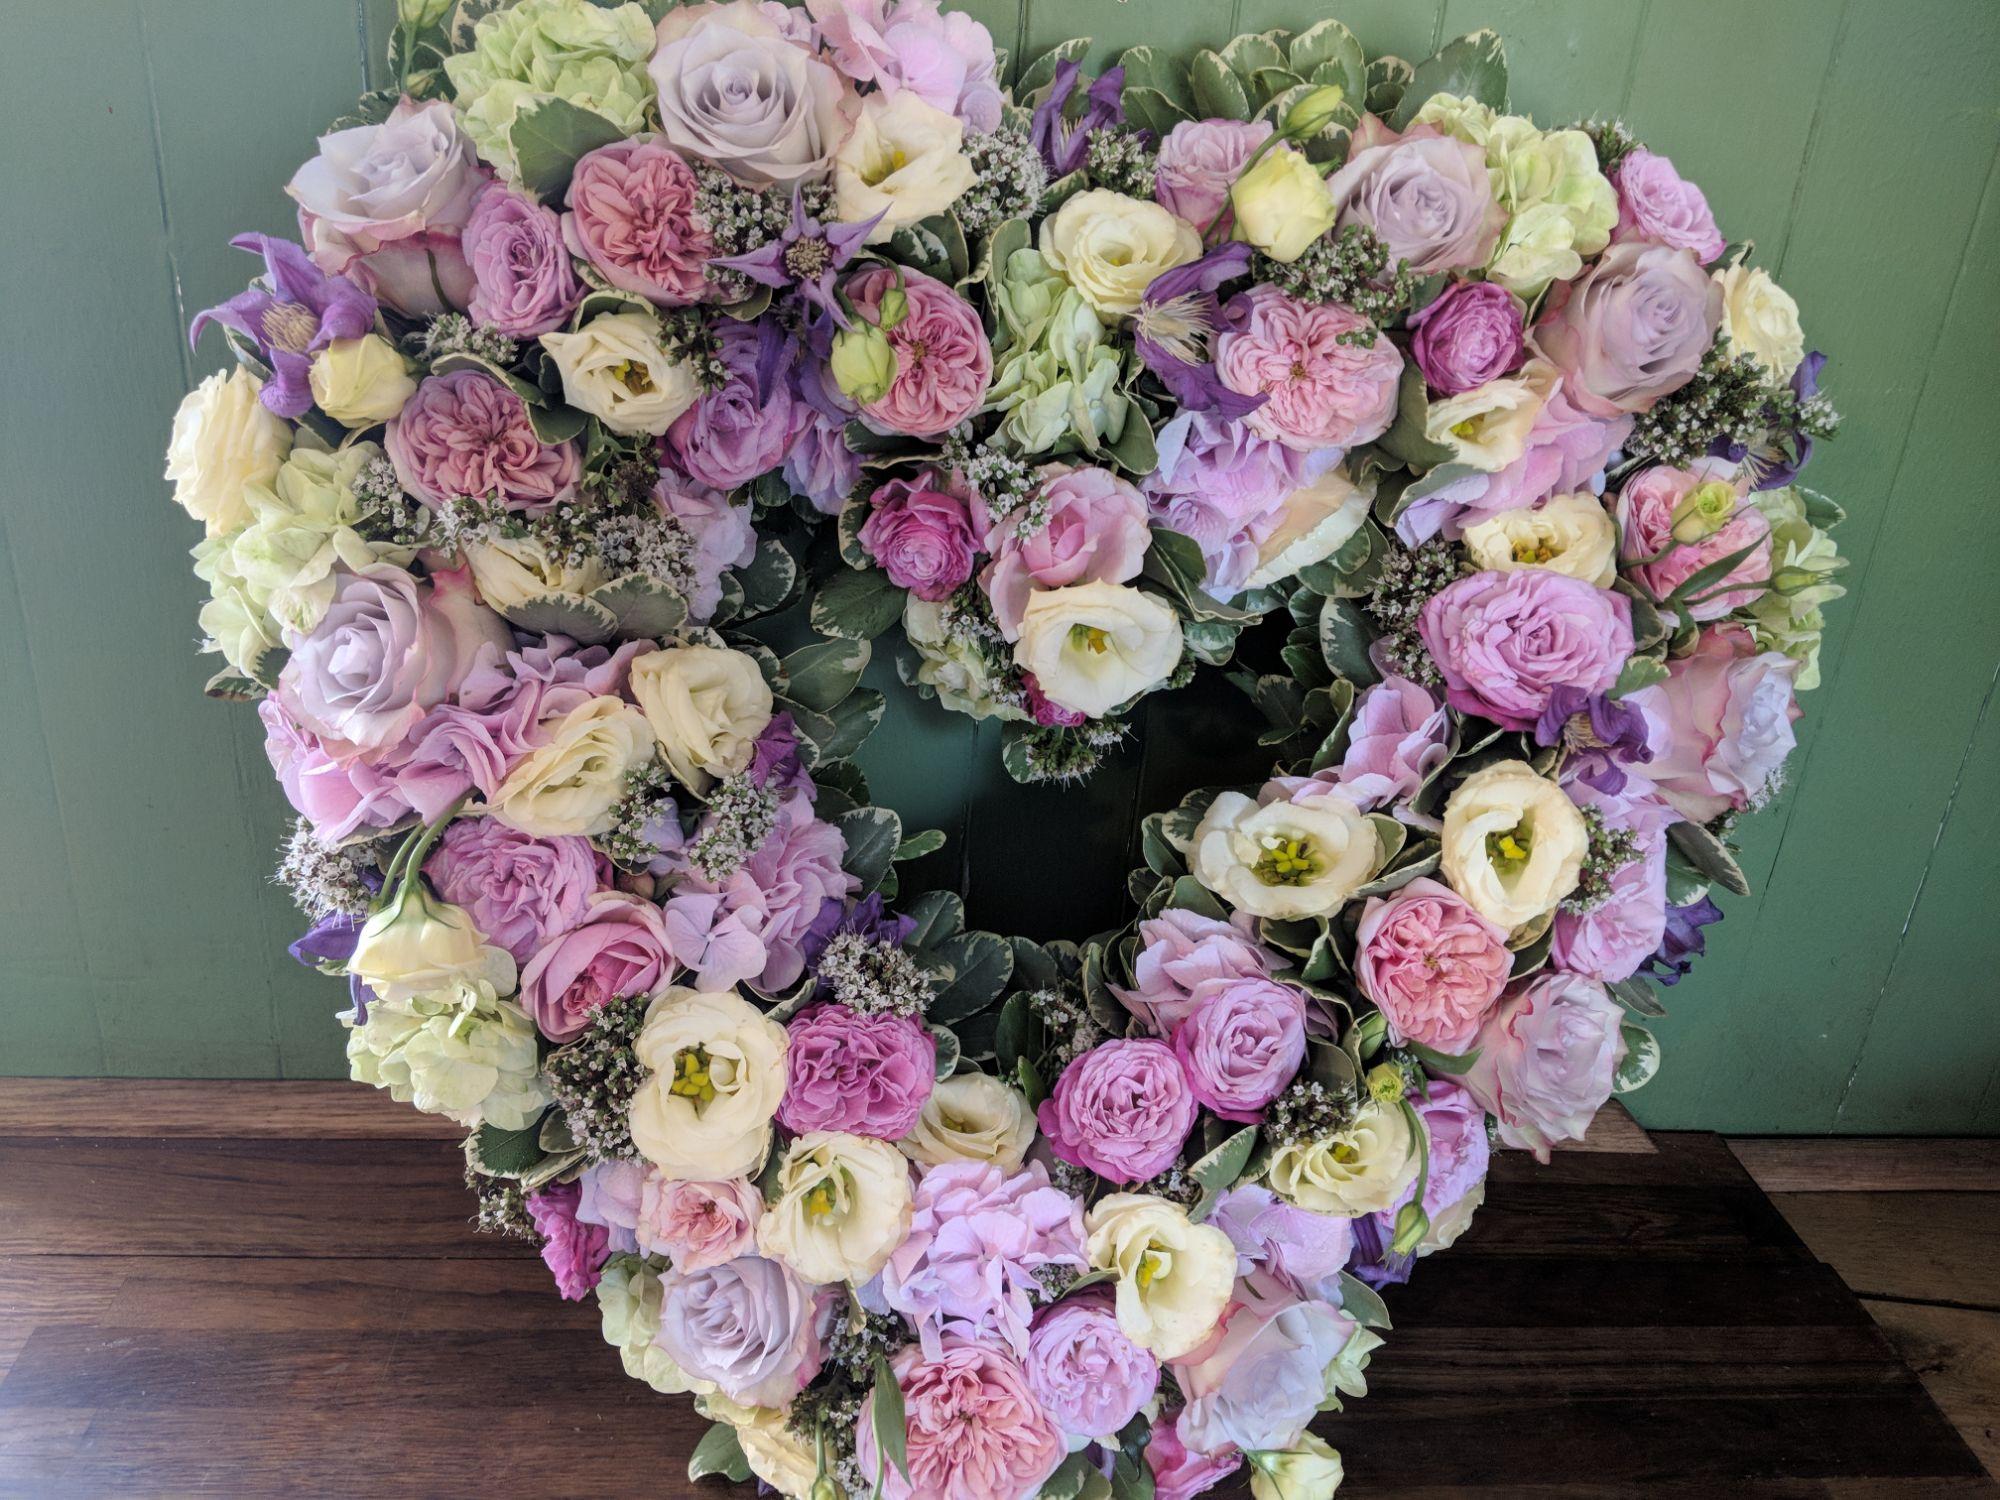 Funeral flowers haywards heath